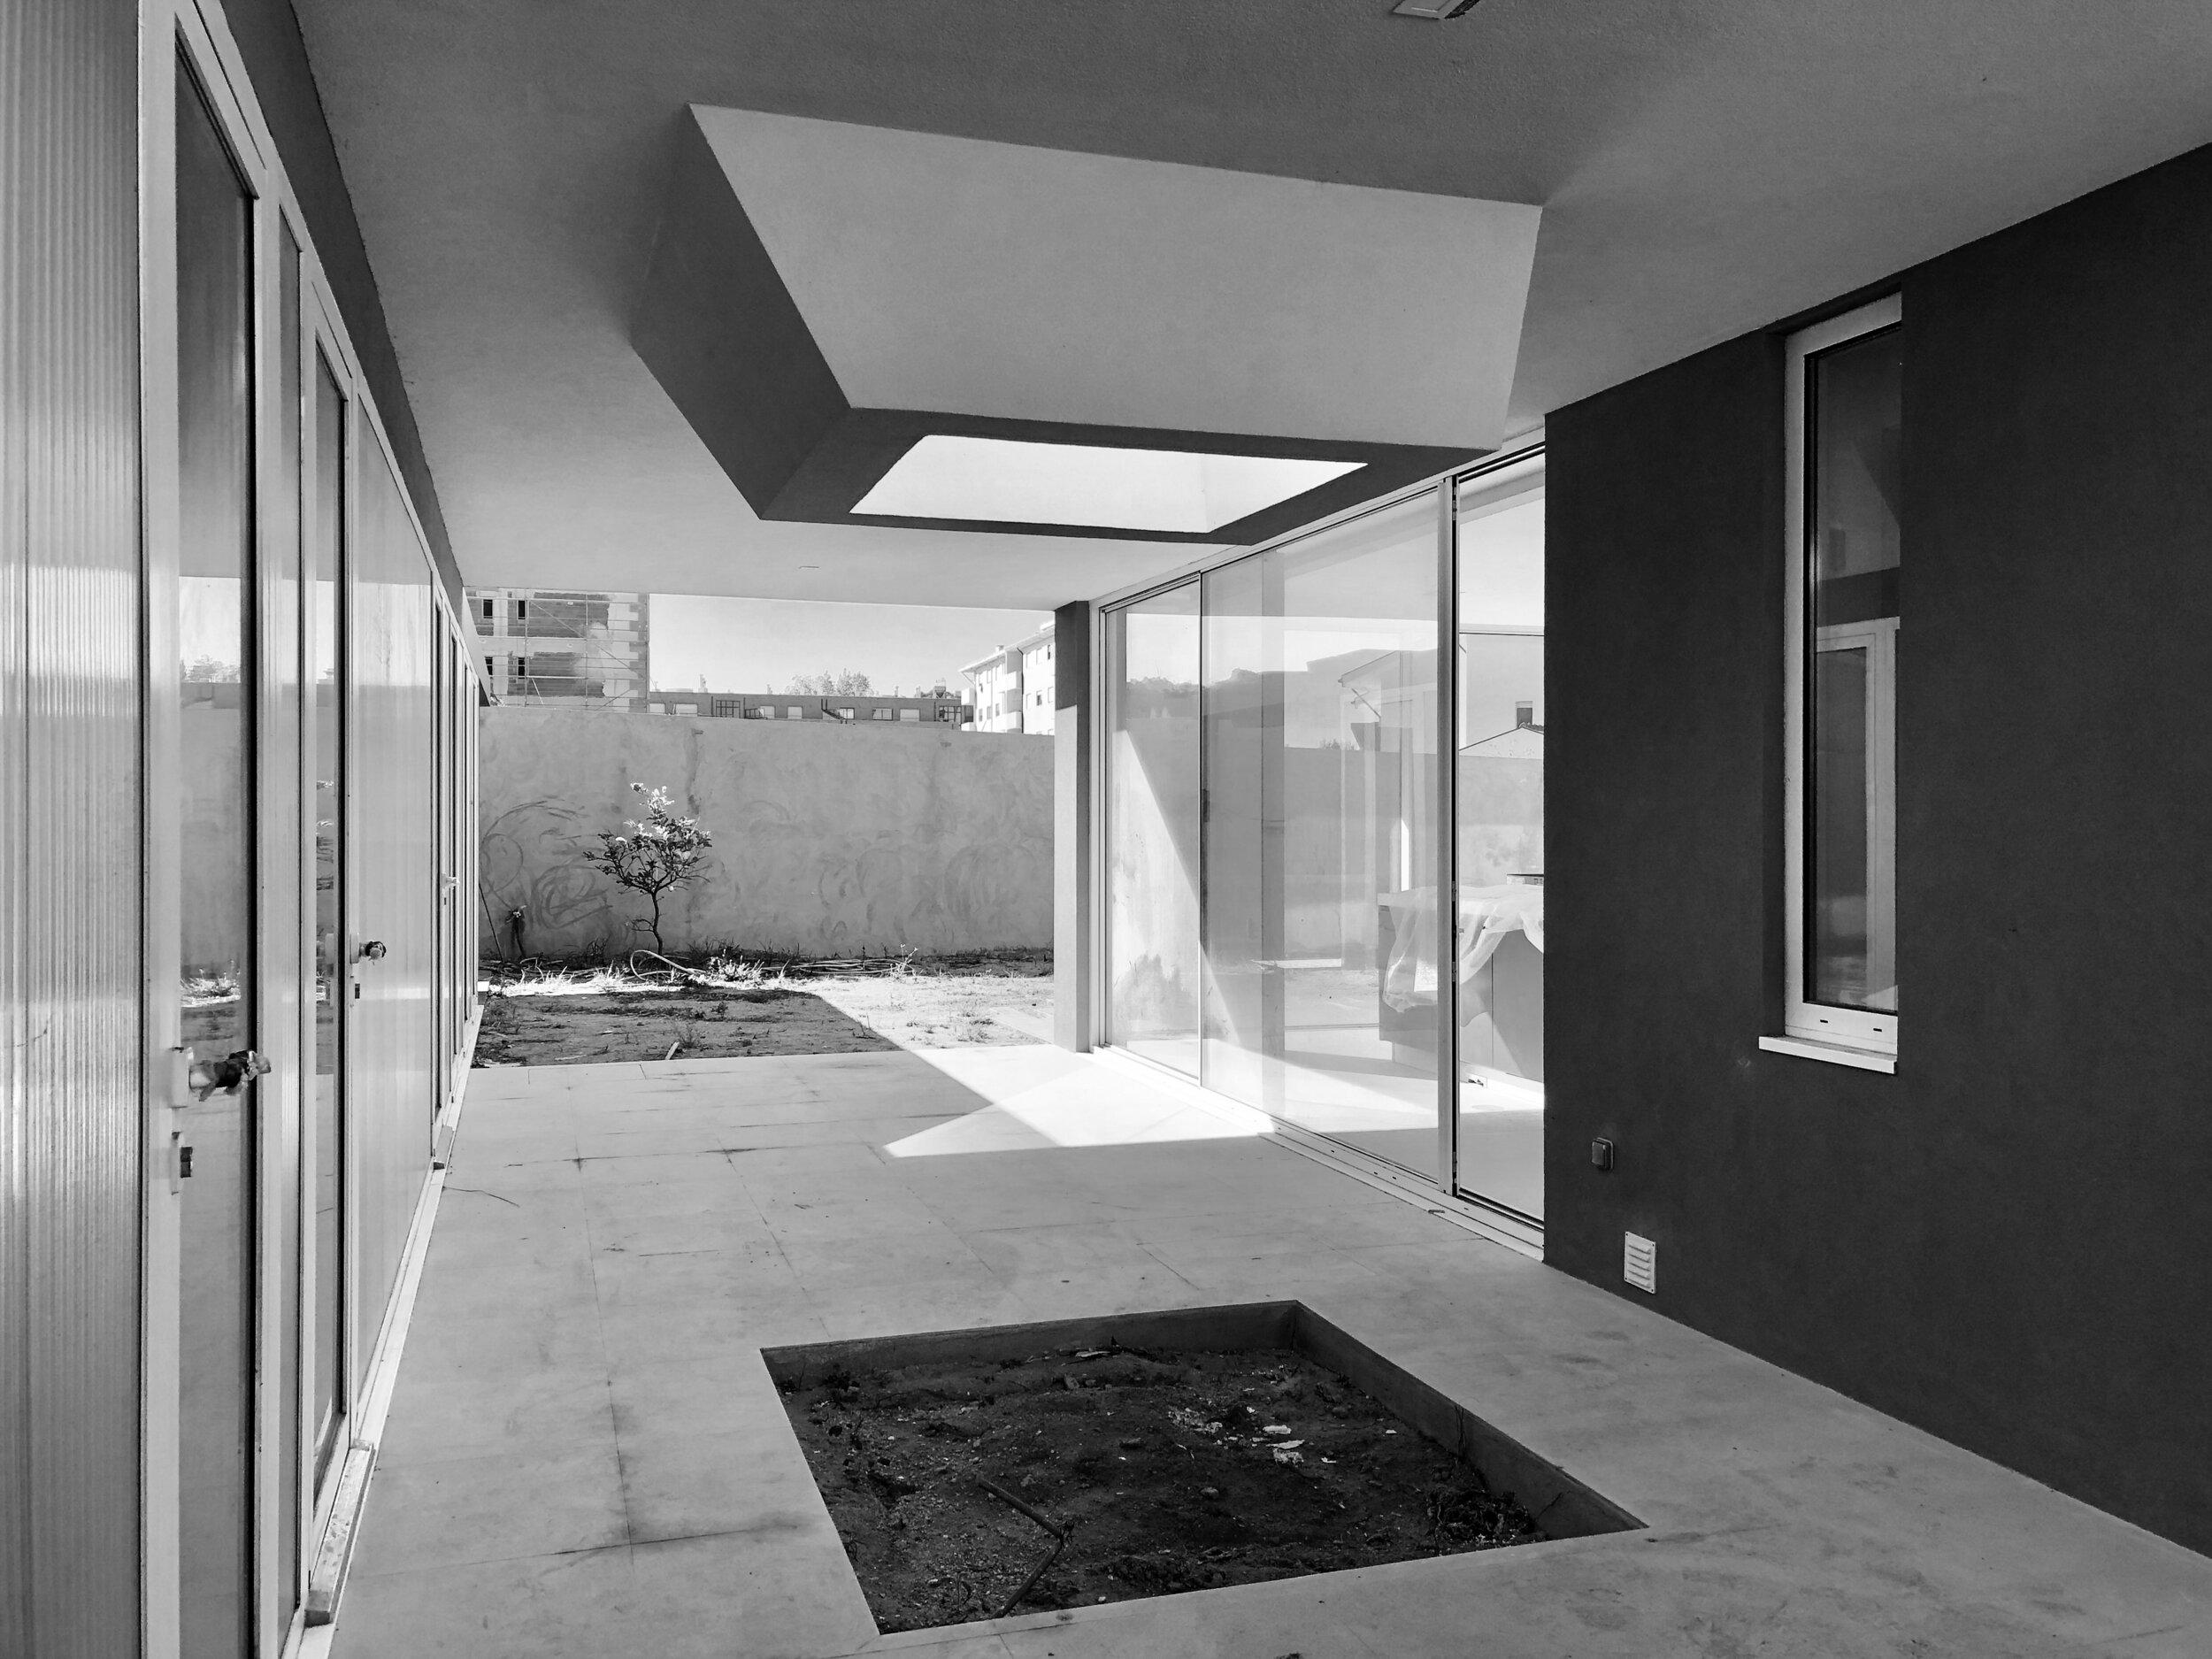 Moradia Alfazema - EVA evolutionary architecture - arquitetura - habitação (20).jpg